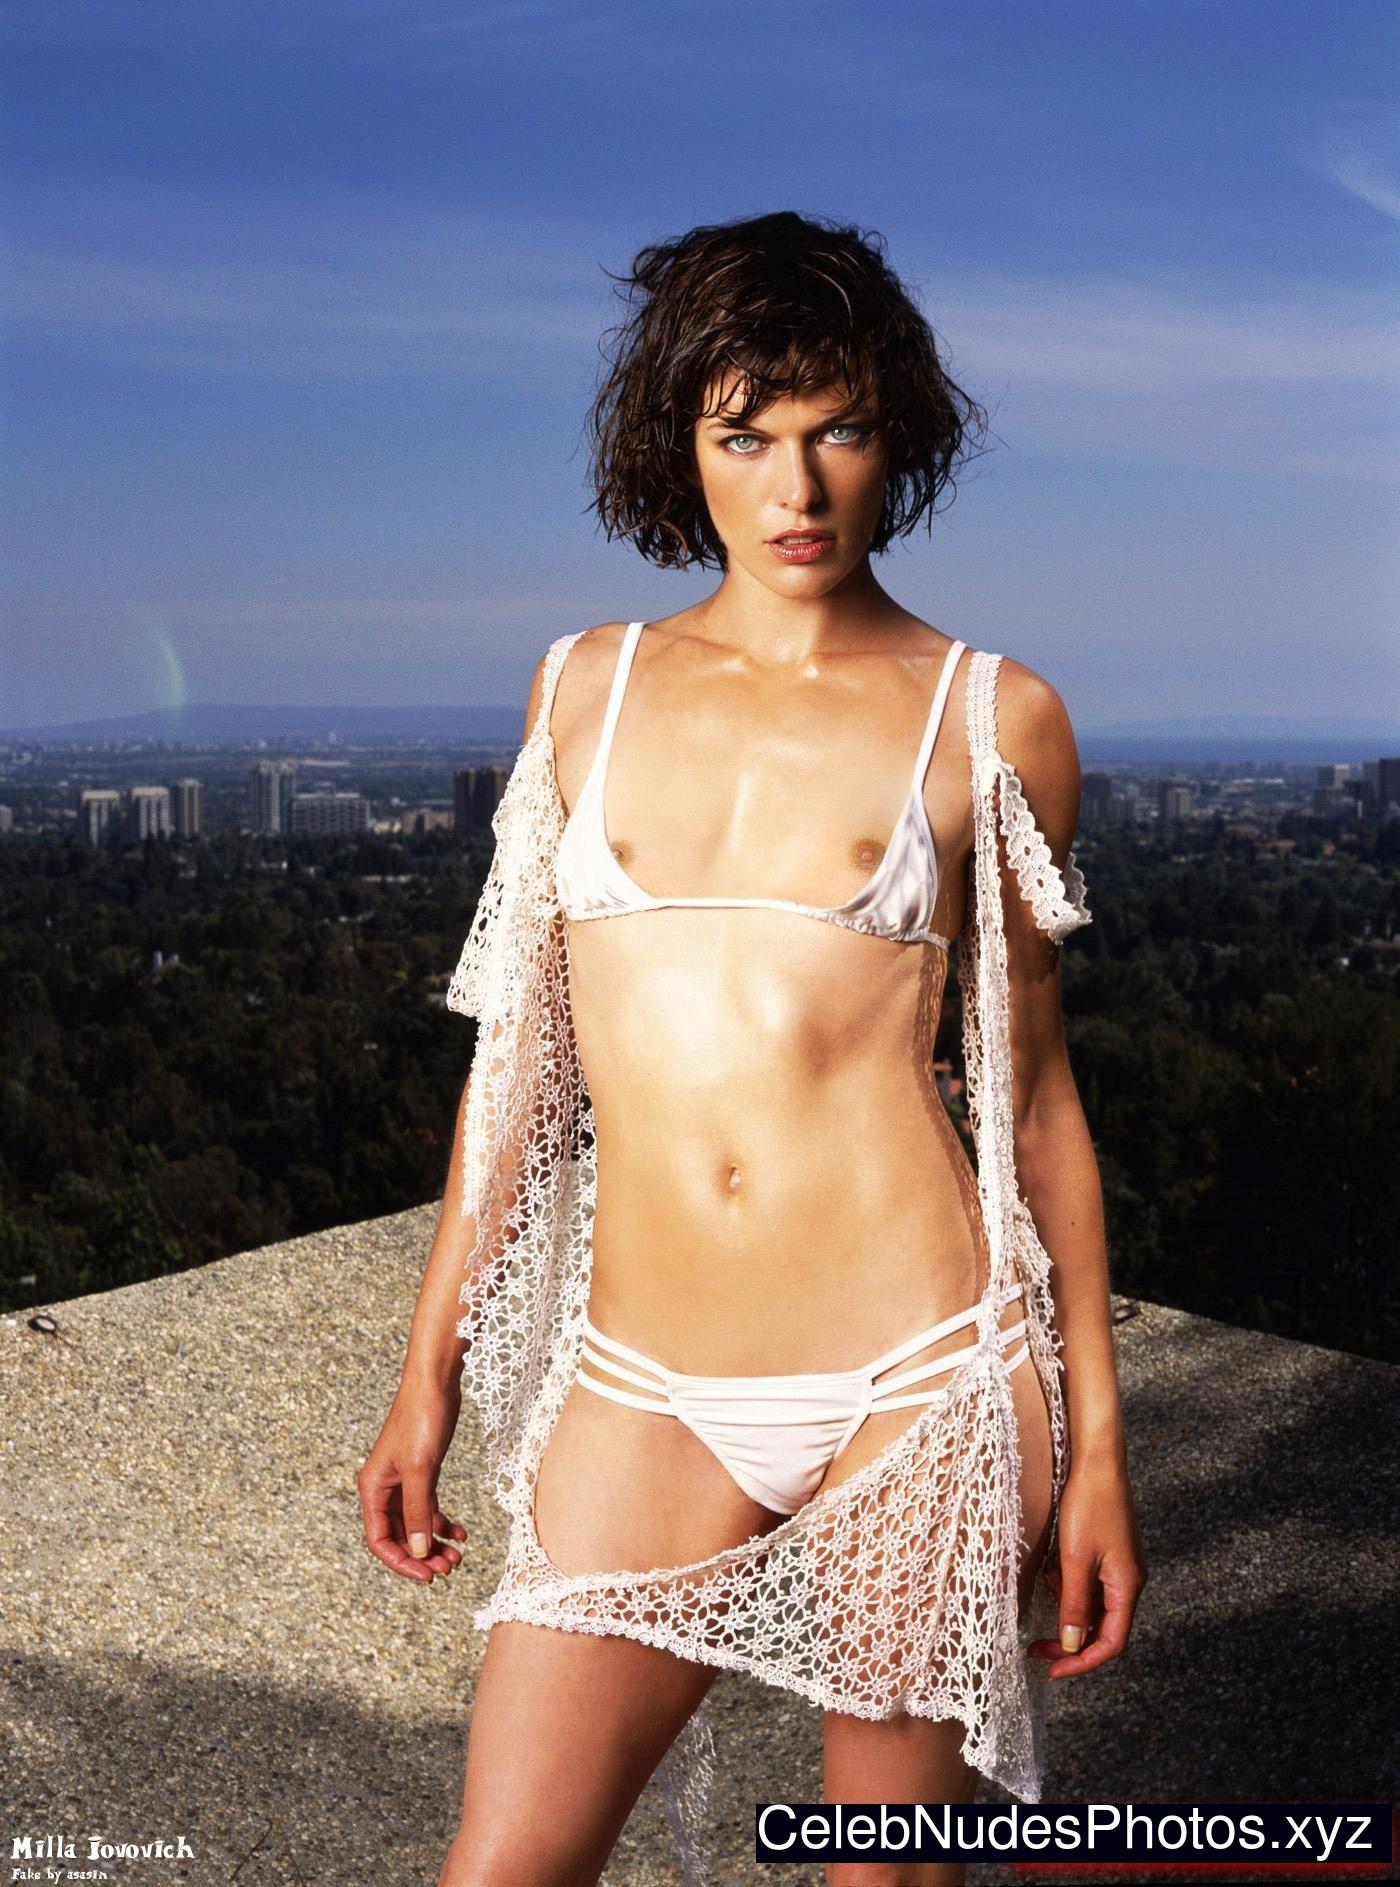 milla jovovich blowjob naked